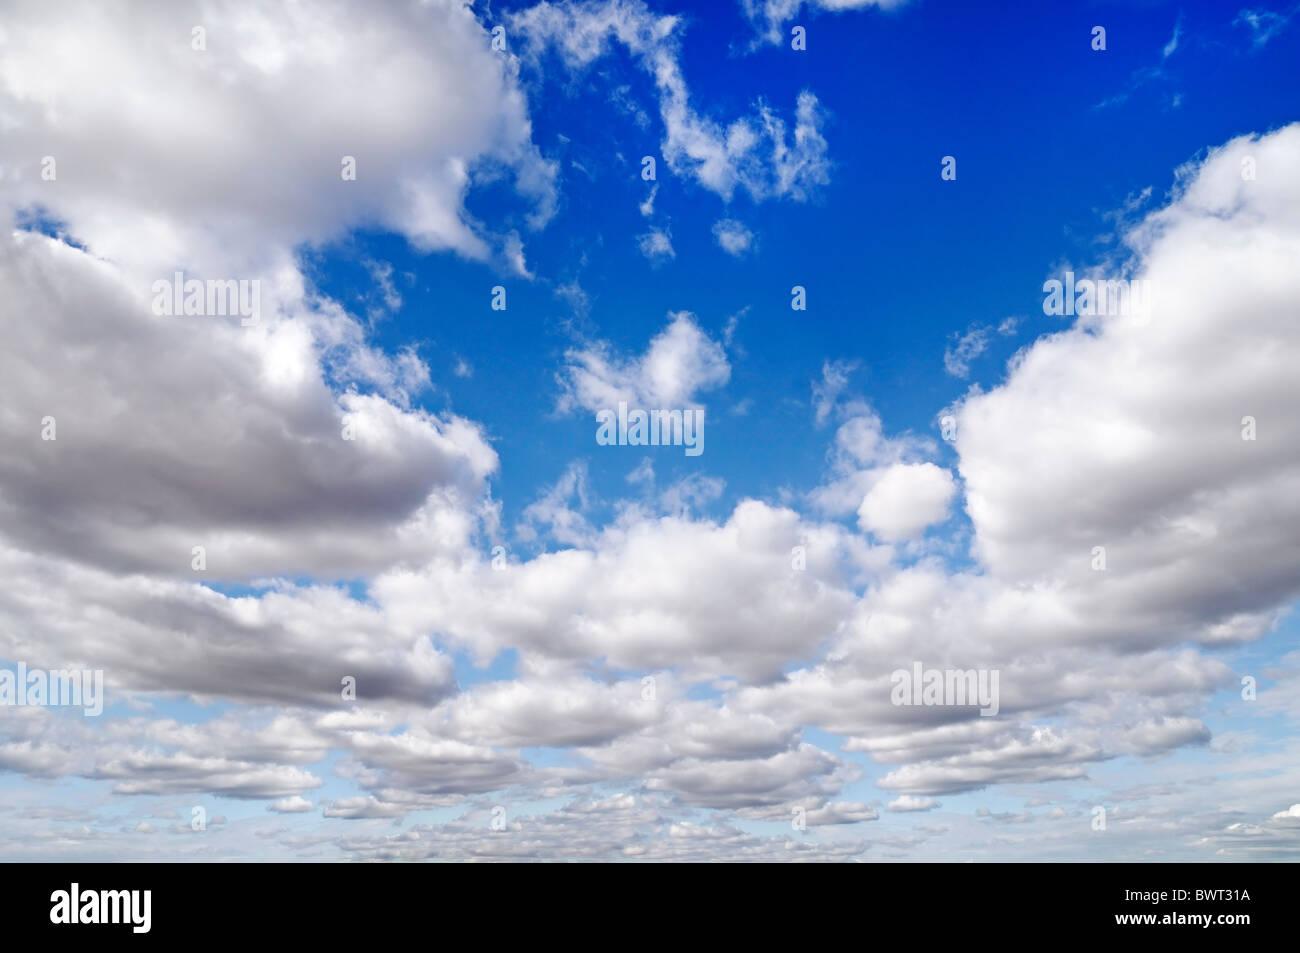 Ciel bleu rempli de nuages Photo Stock